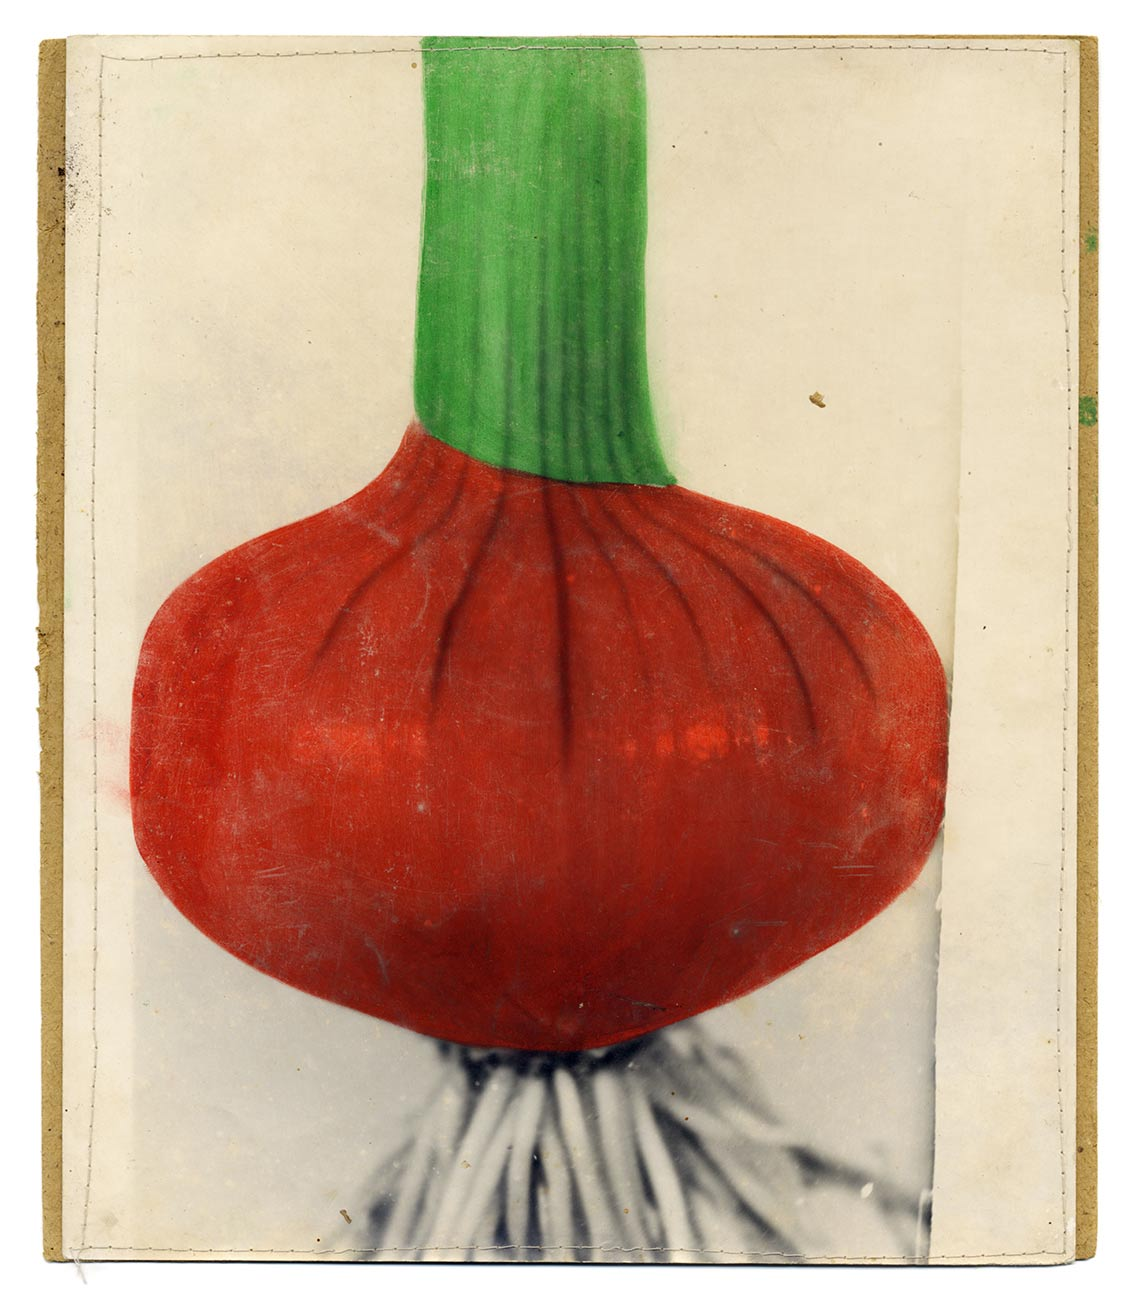 《蔬菜研究》,手工硬纸板彩色照片,八十年代。图片由现代冲突档案馆提供